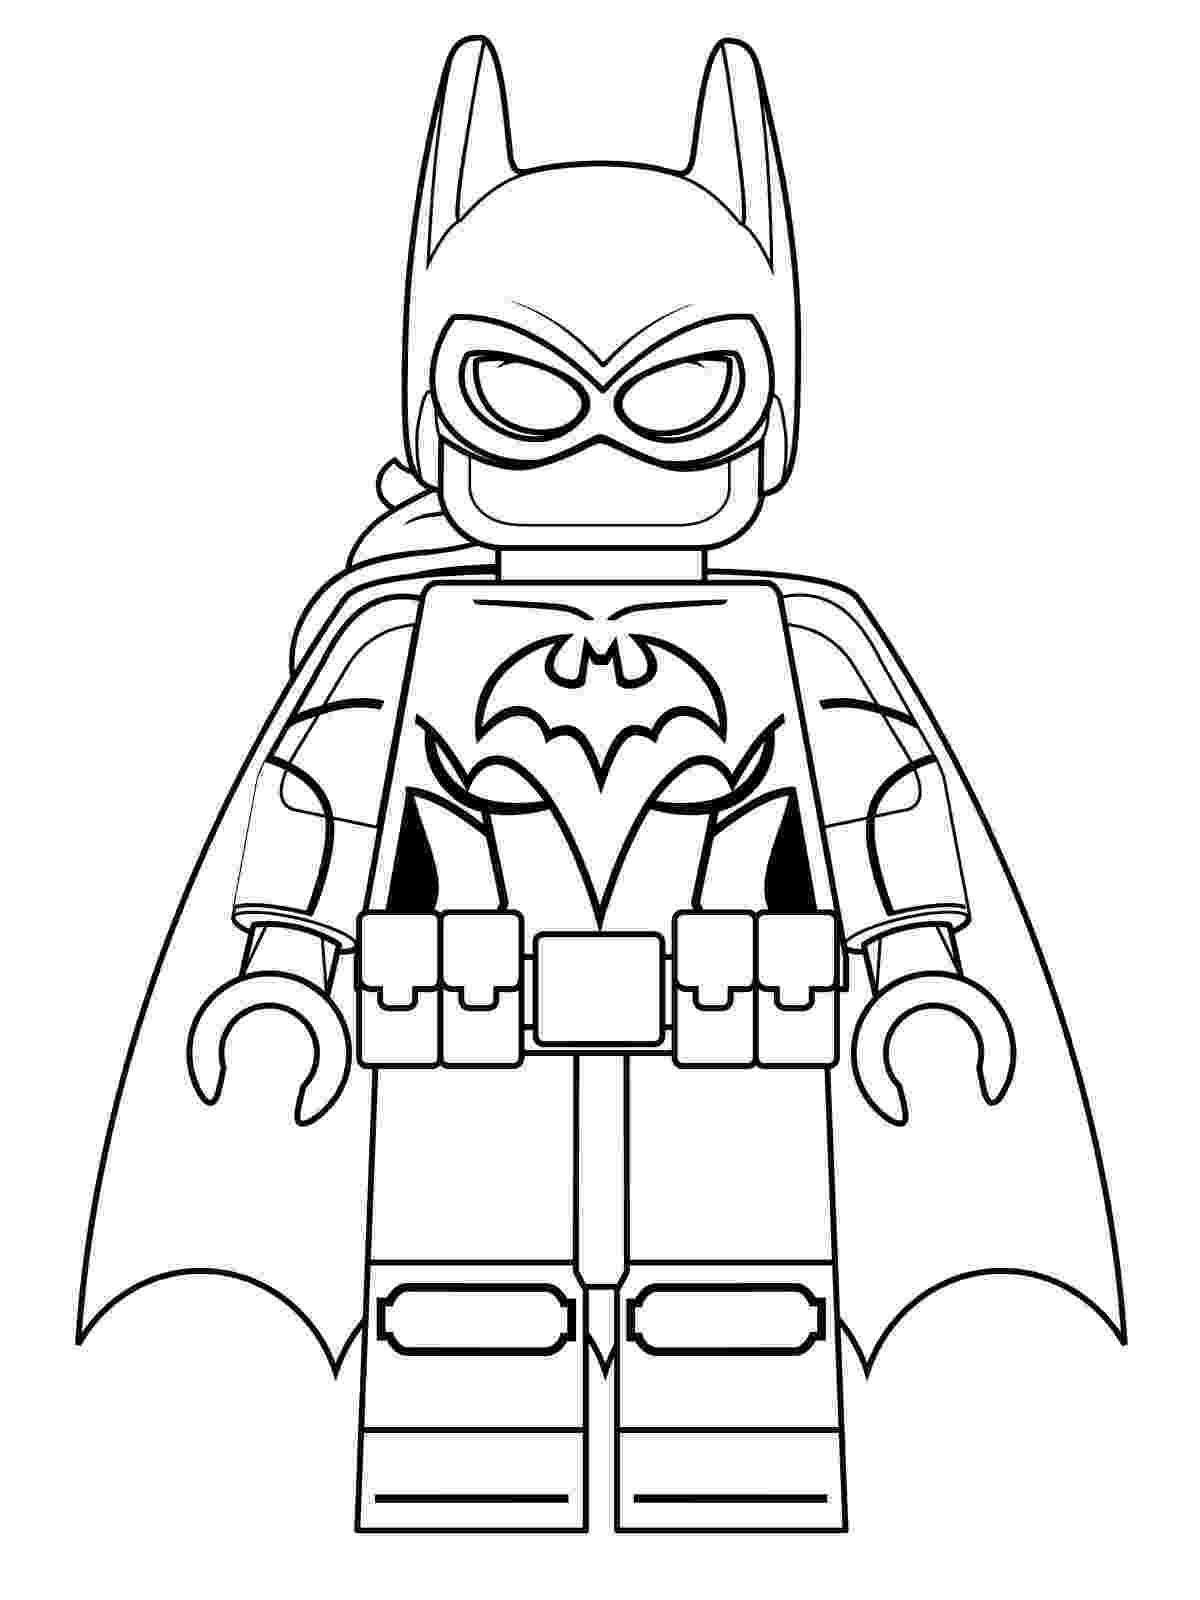 batman coloring pages online batman coloring pages coloringrocks batman coloring pages online